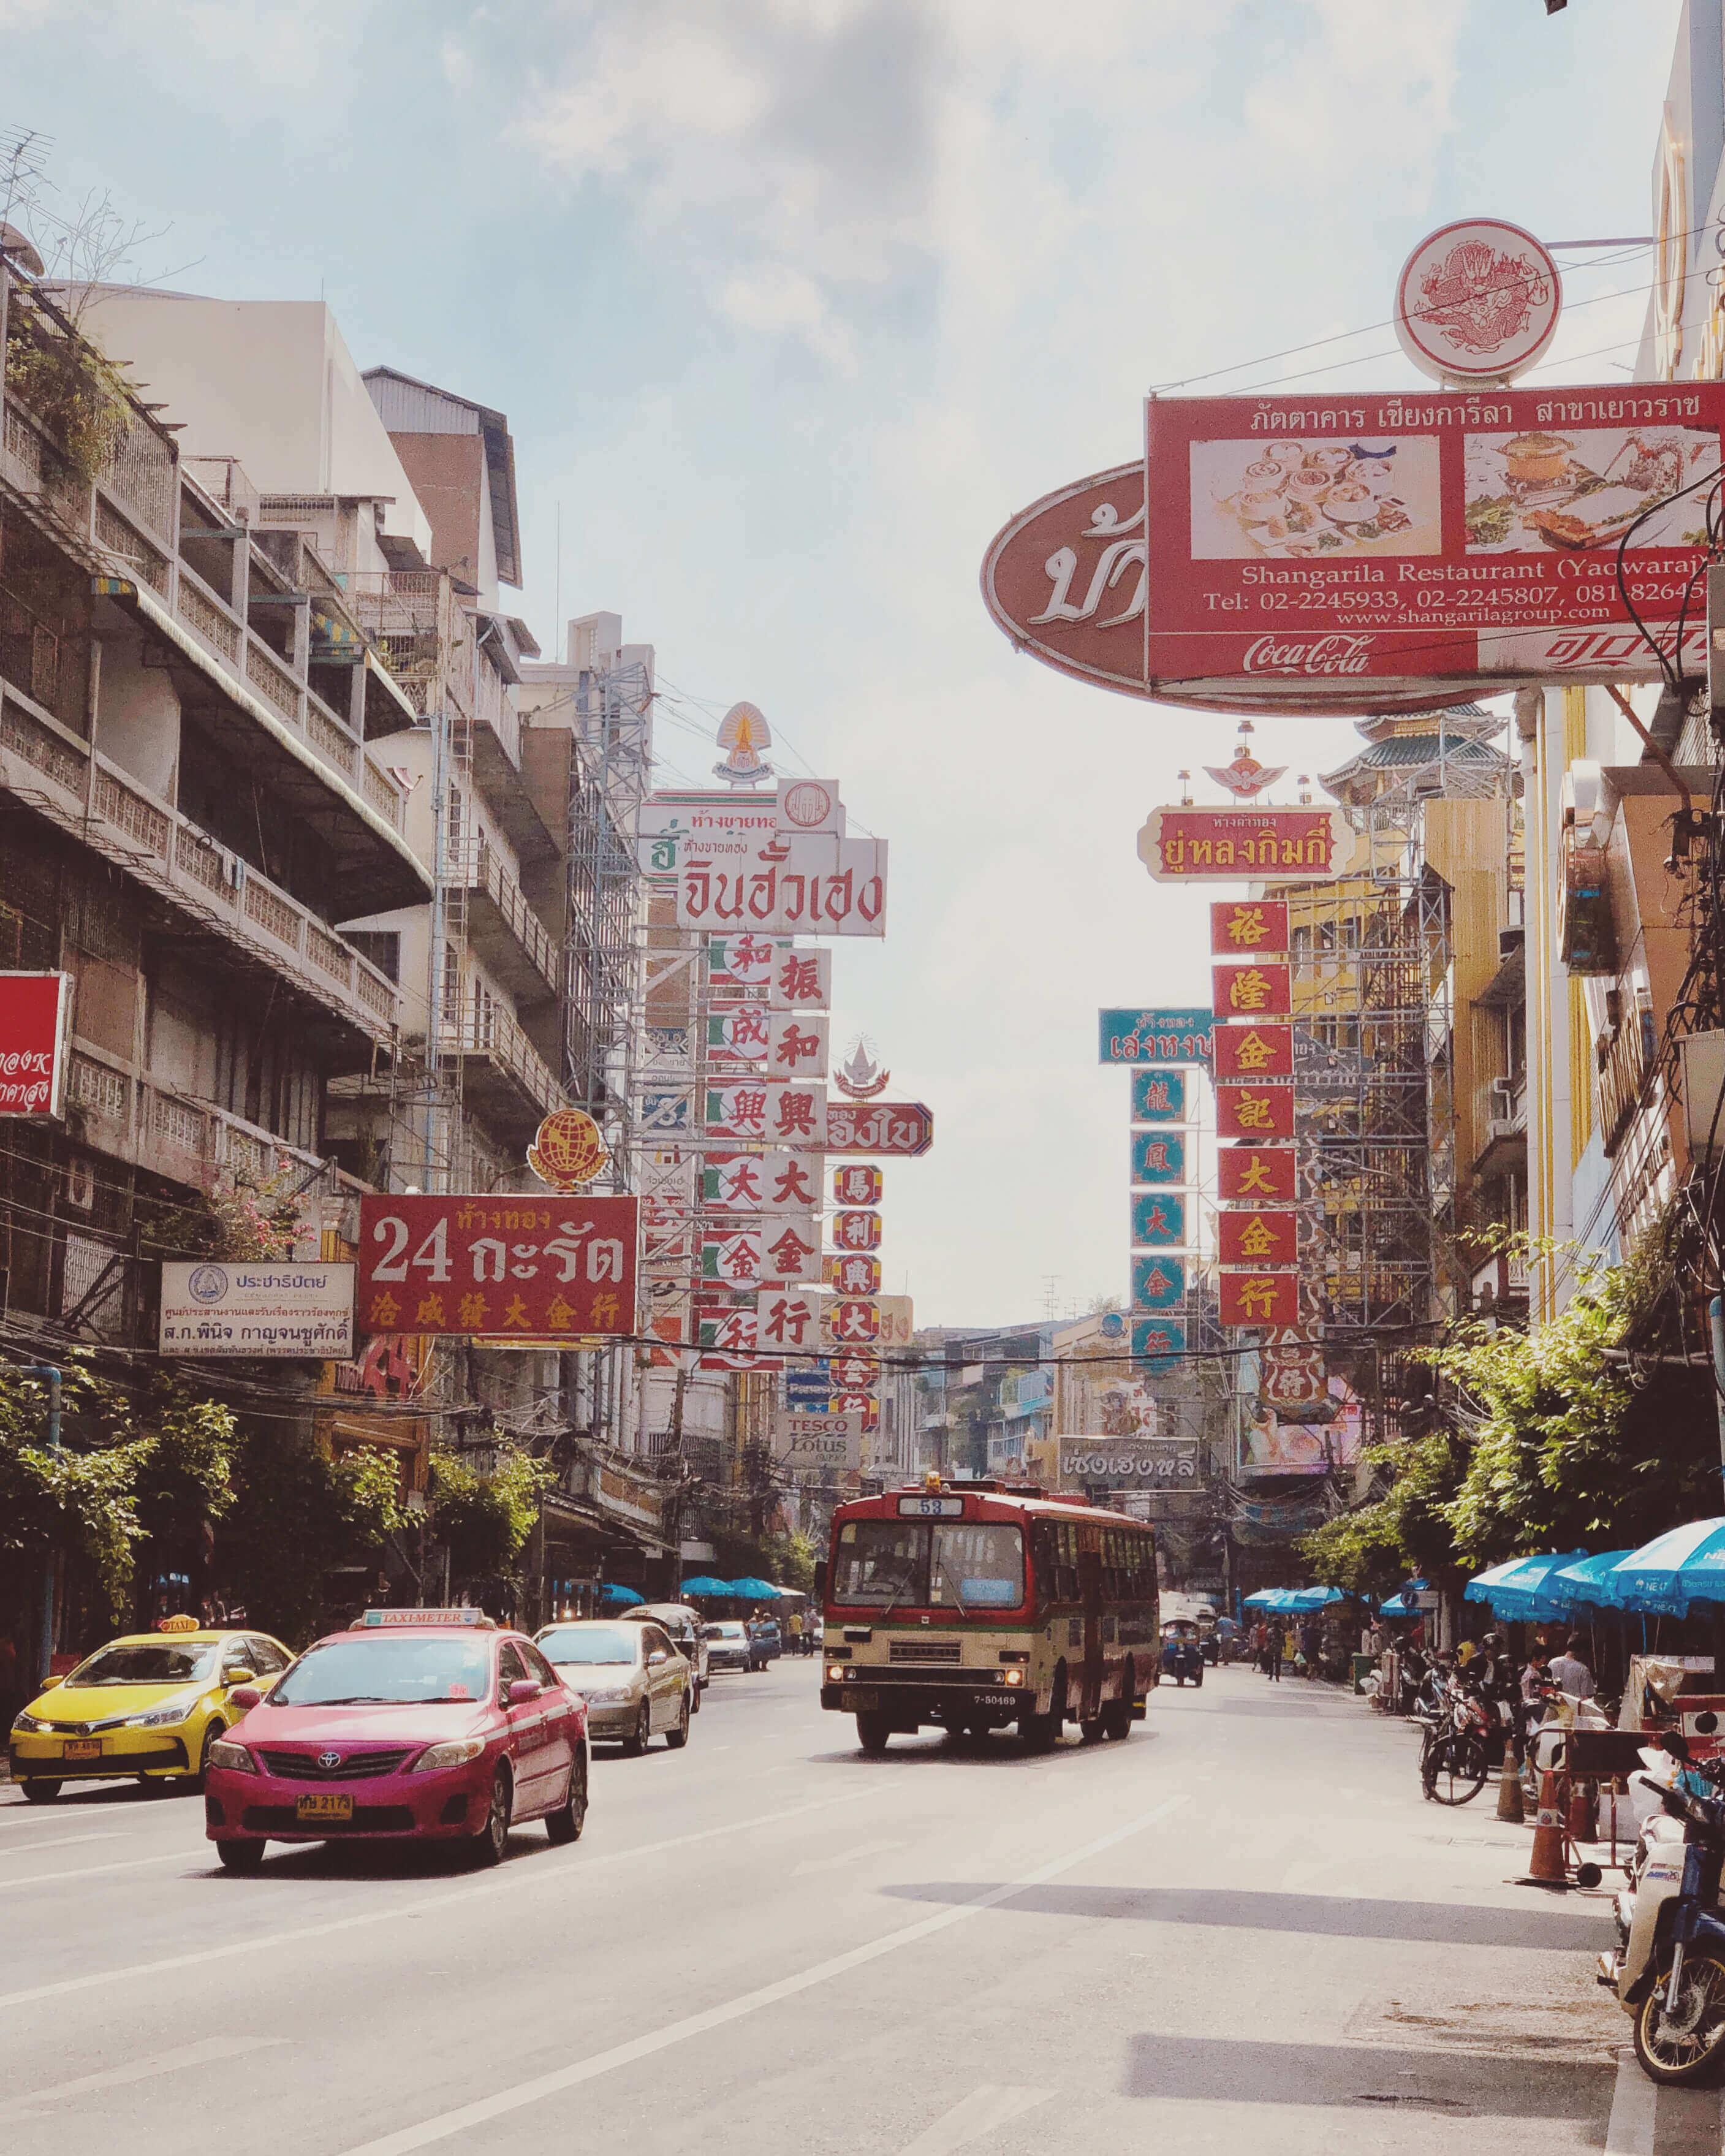 【タイ】カラフルでかわいいを撮る〜バンコクのんびりカメラ旅〜